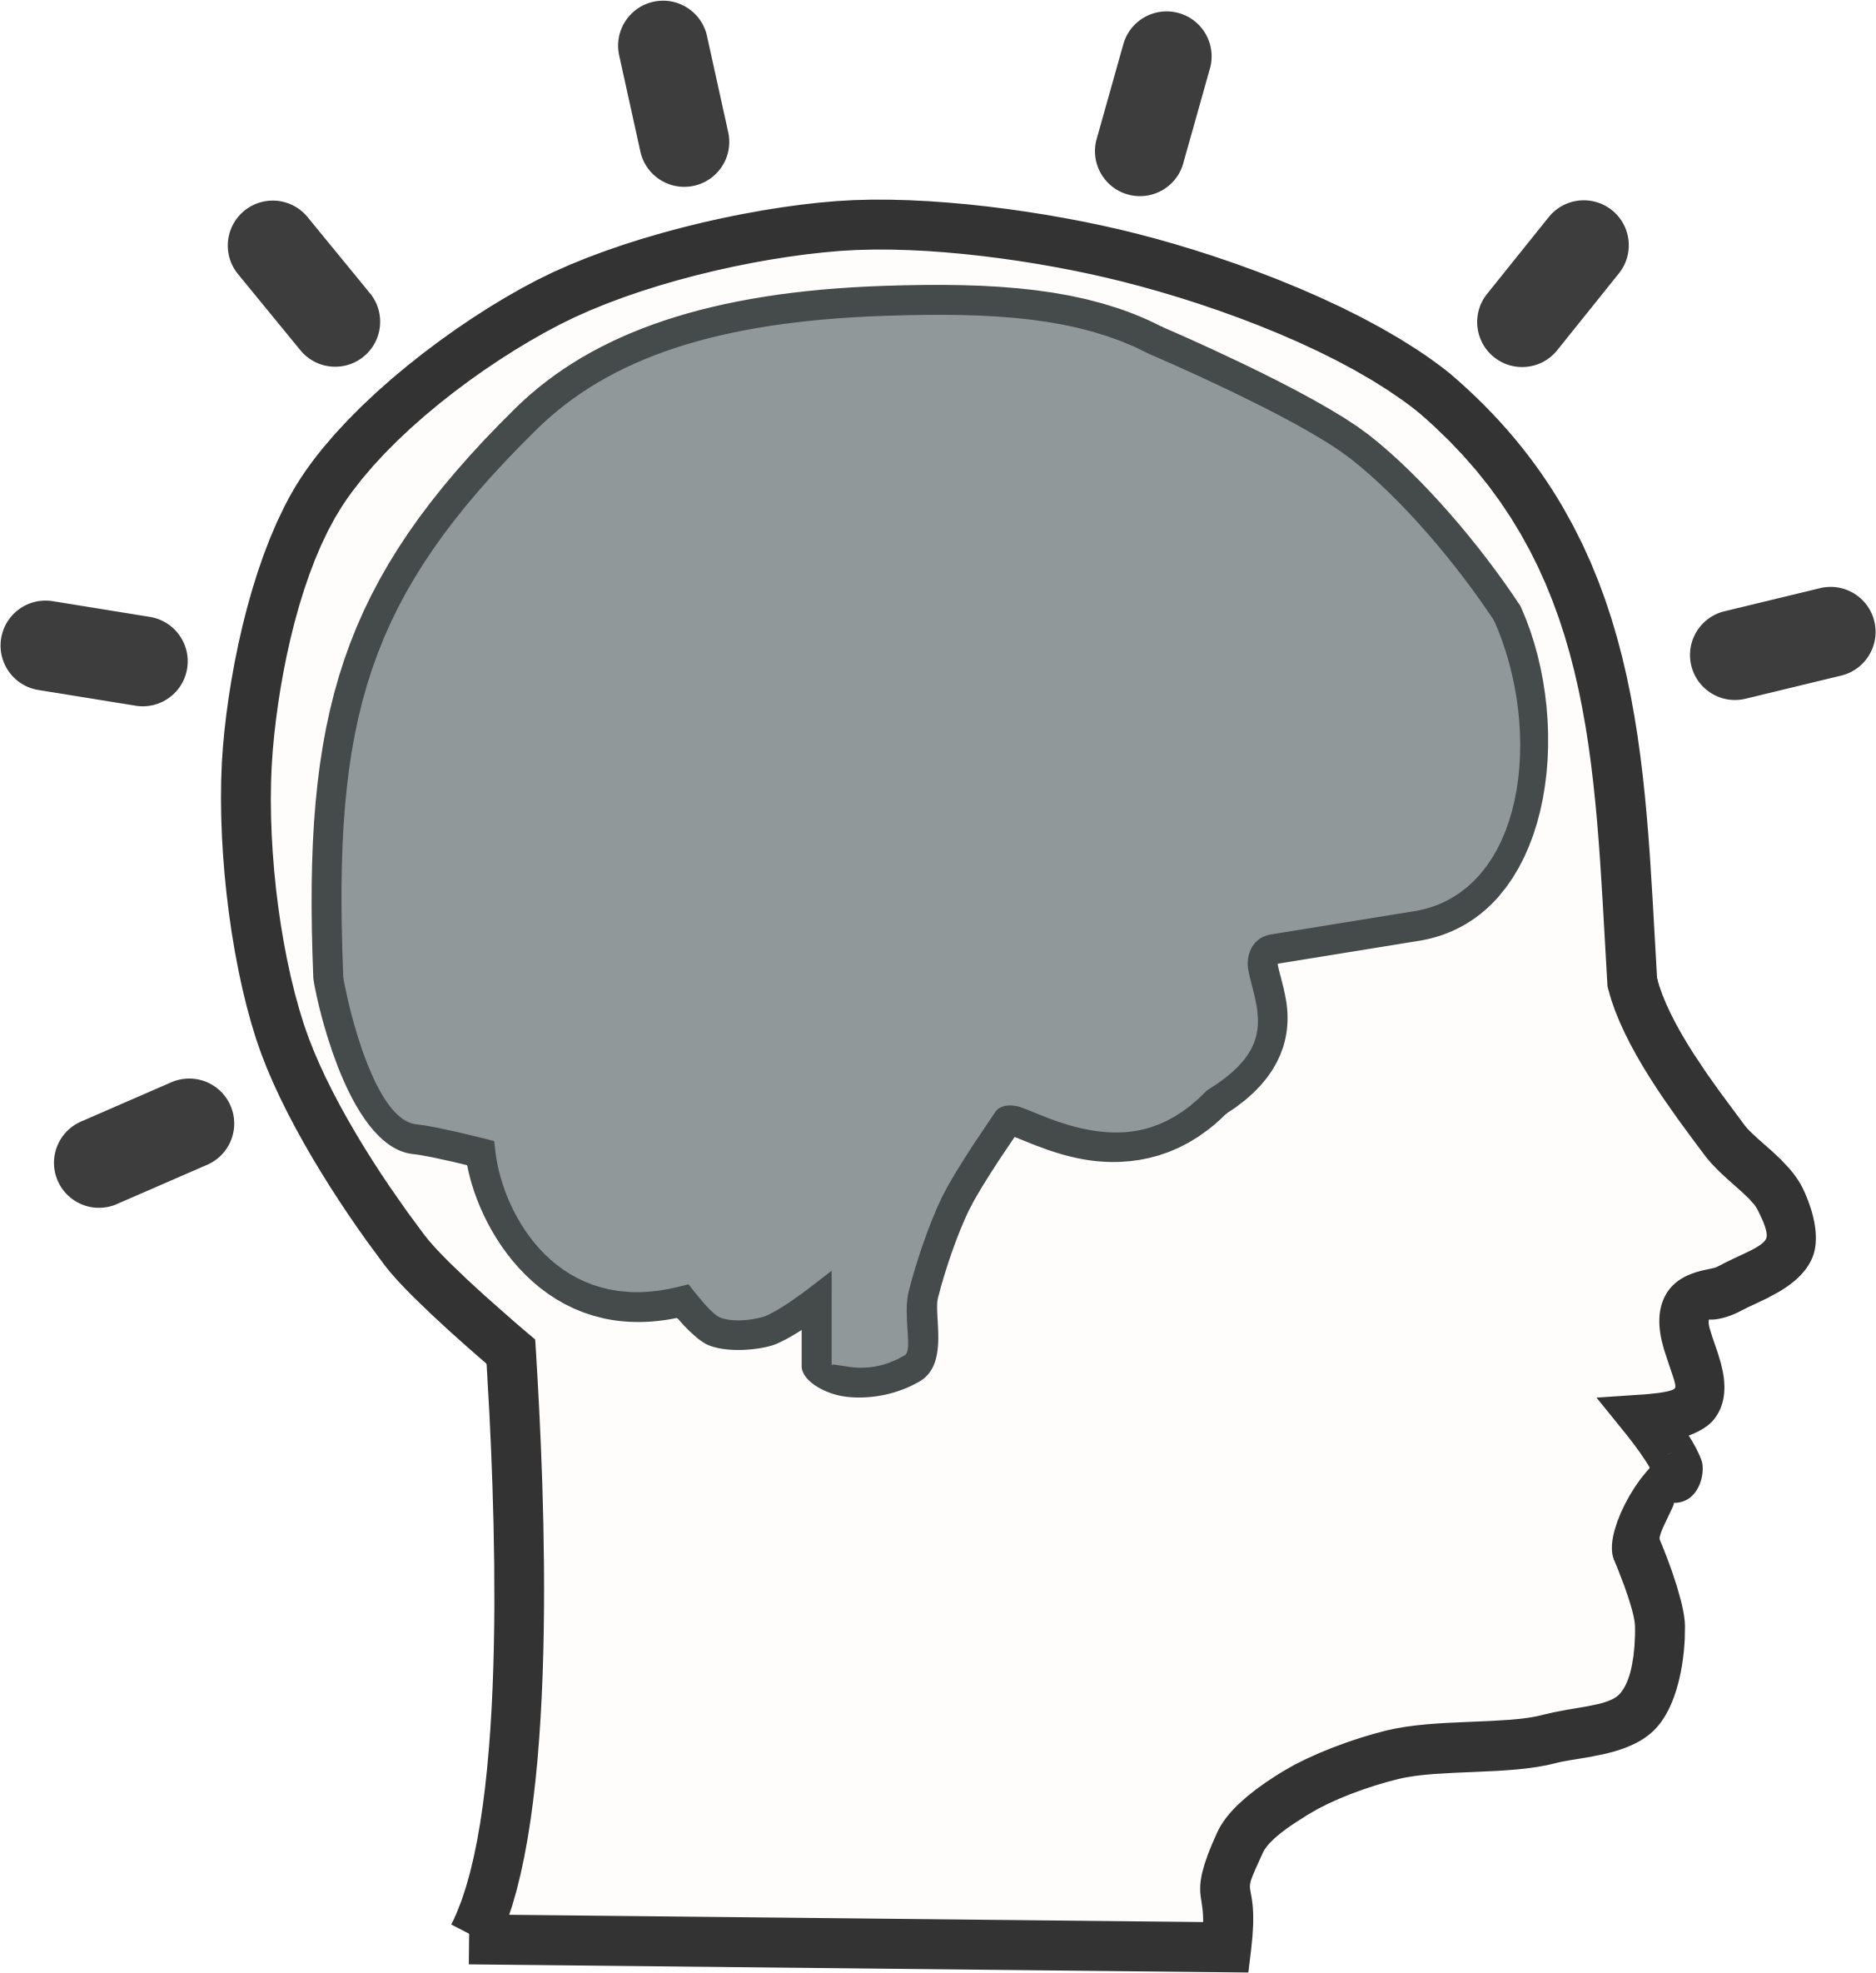 Brain clipart 4 2